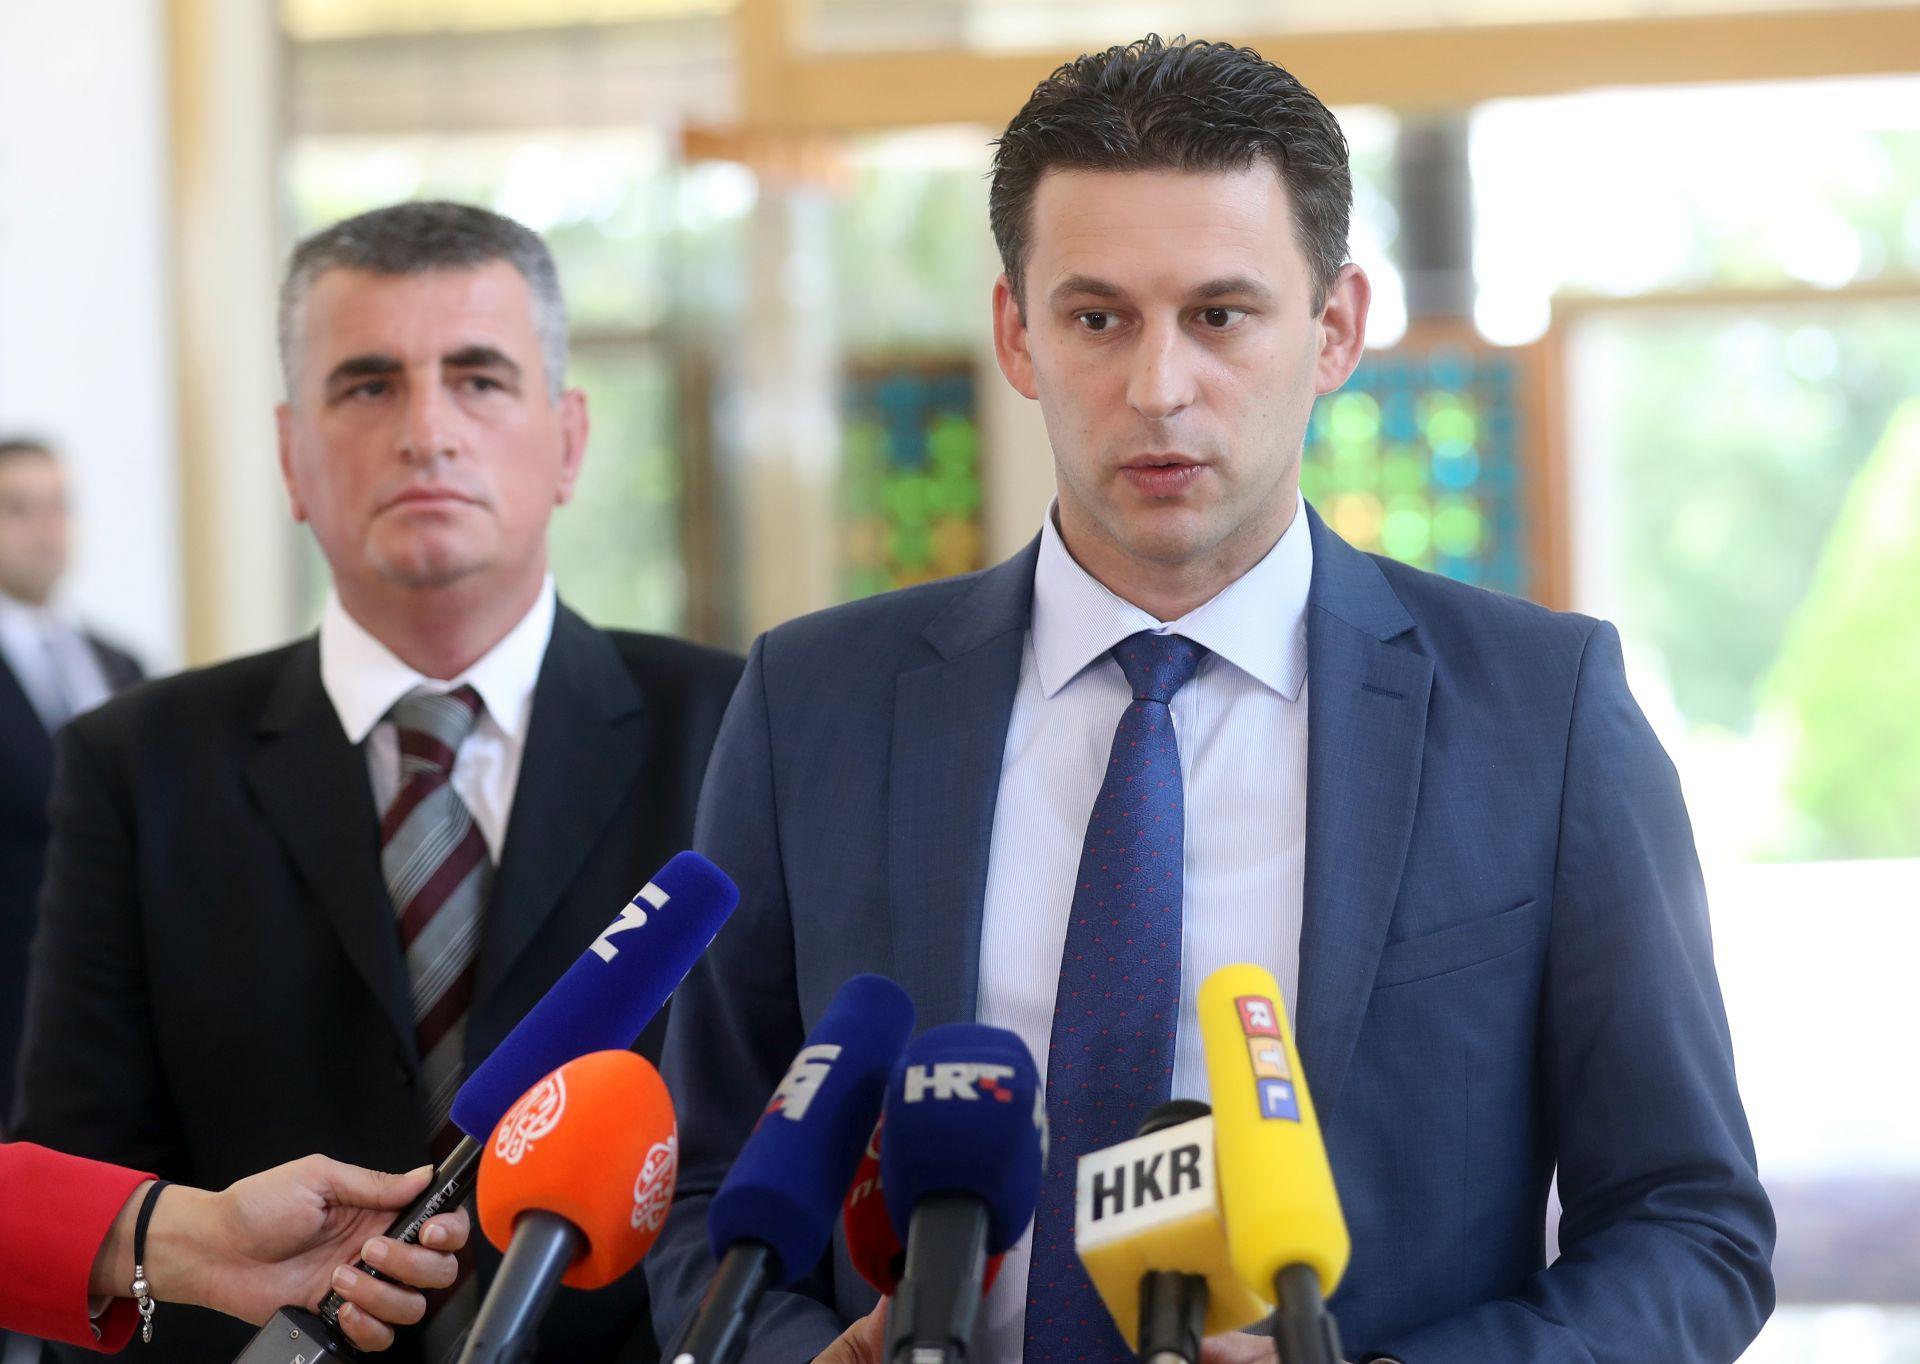 KONZULTACIJE NA PANTOVČAKU Petrov: Potpisi mandataru nakon dogovora o cjelokupnom 'paketu'